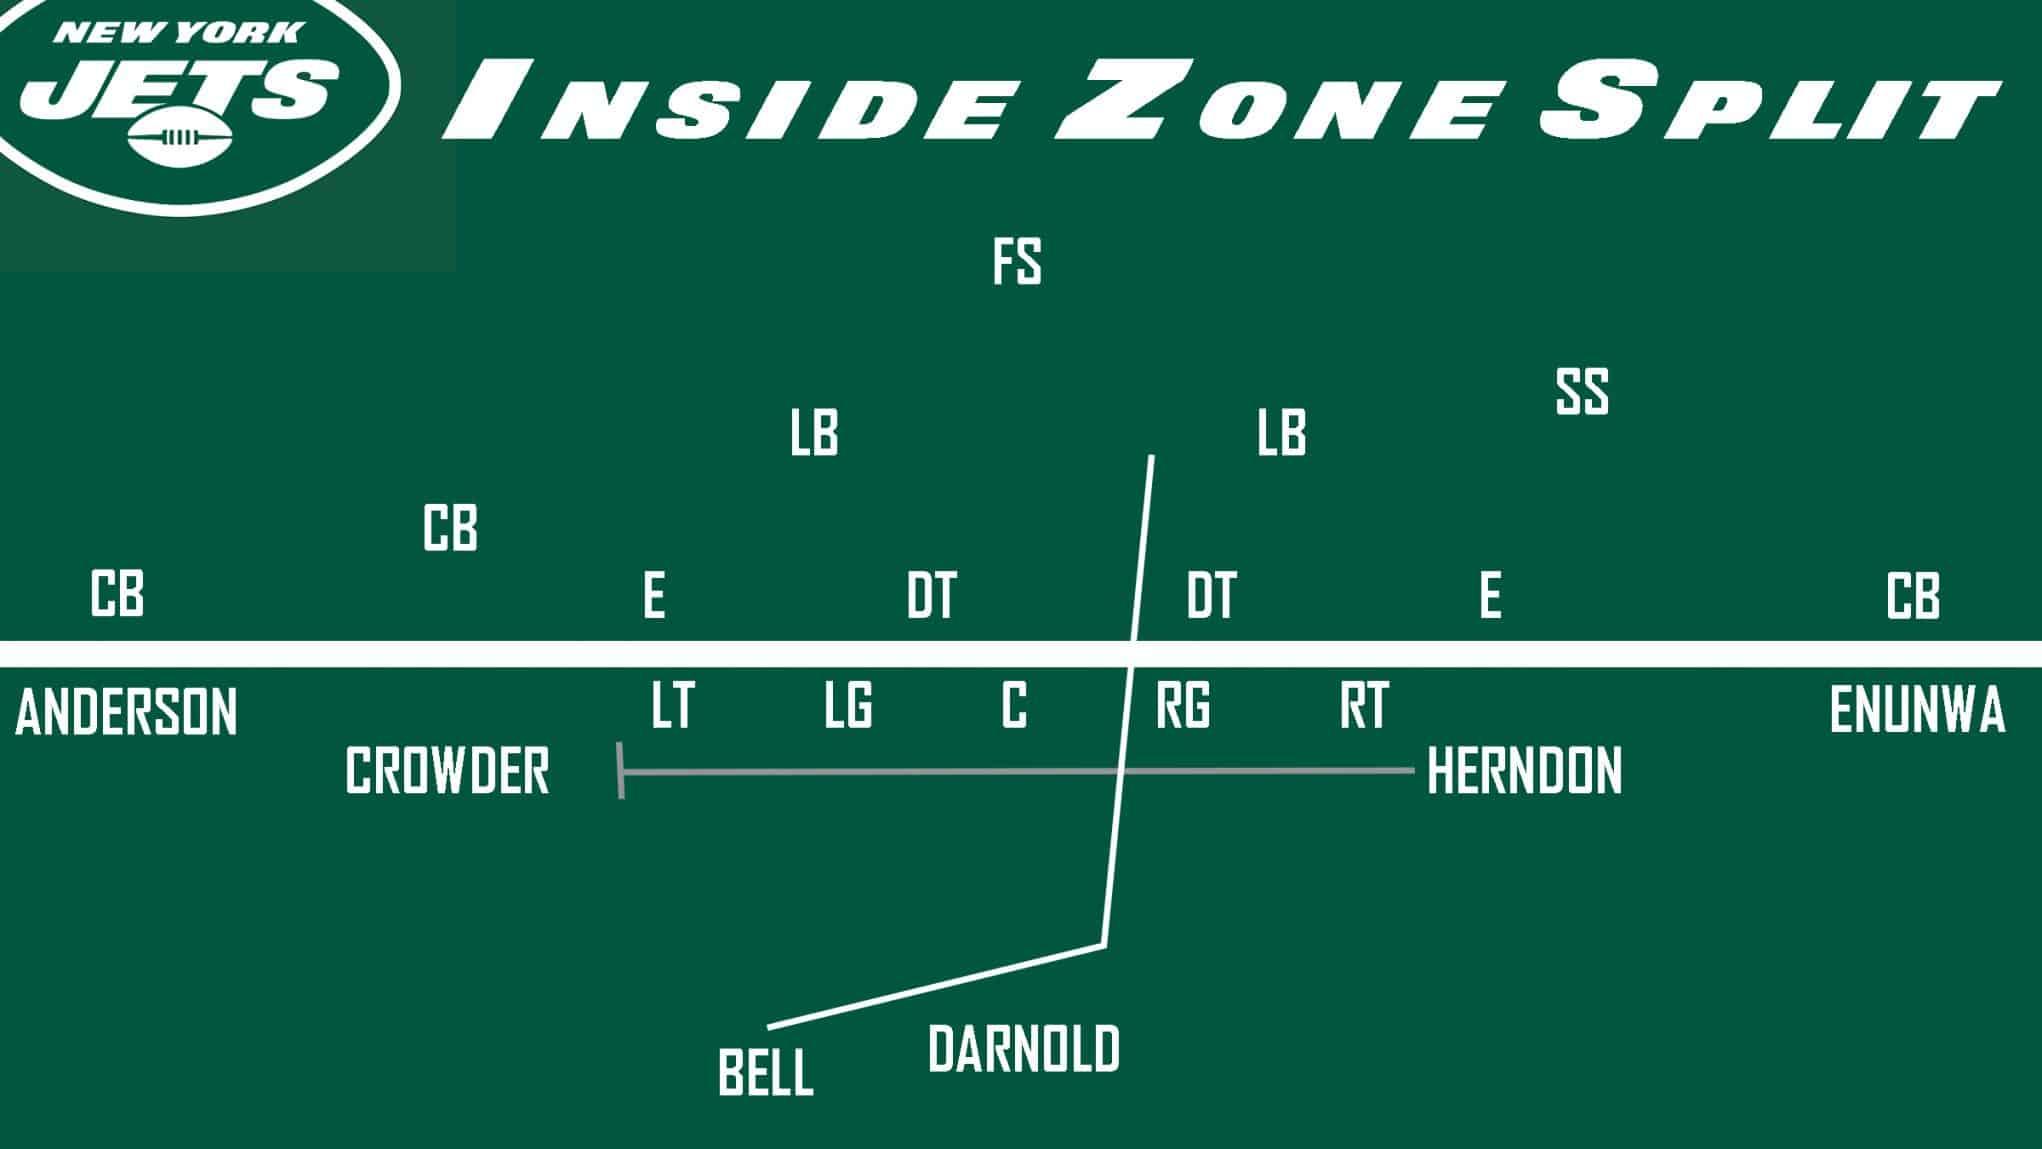 Jets Inside Zone Split